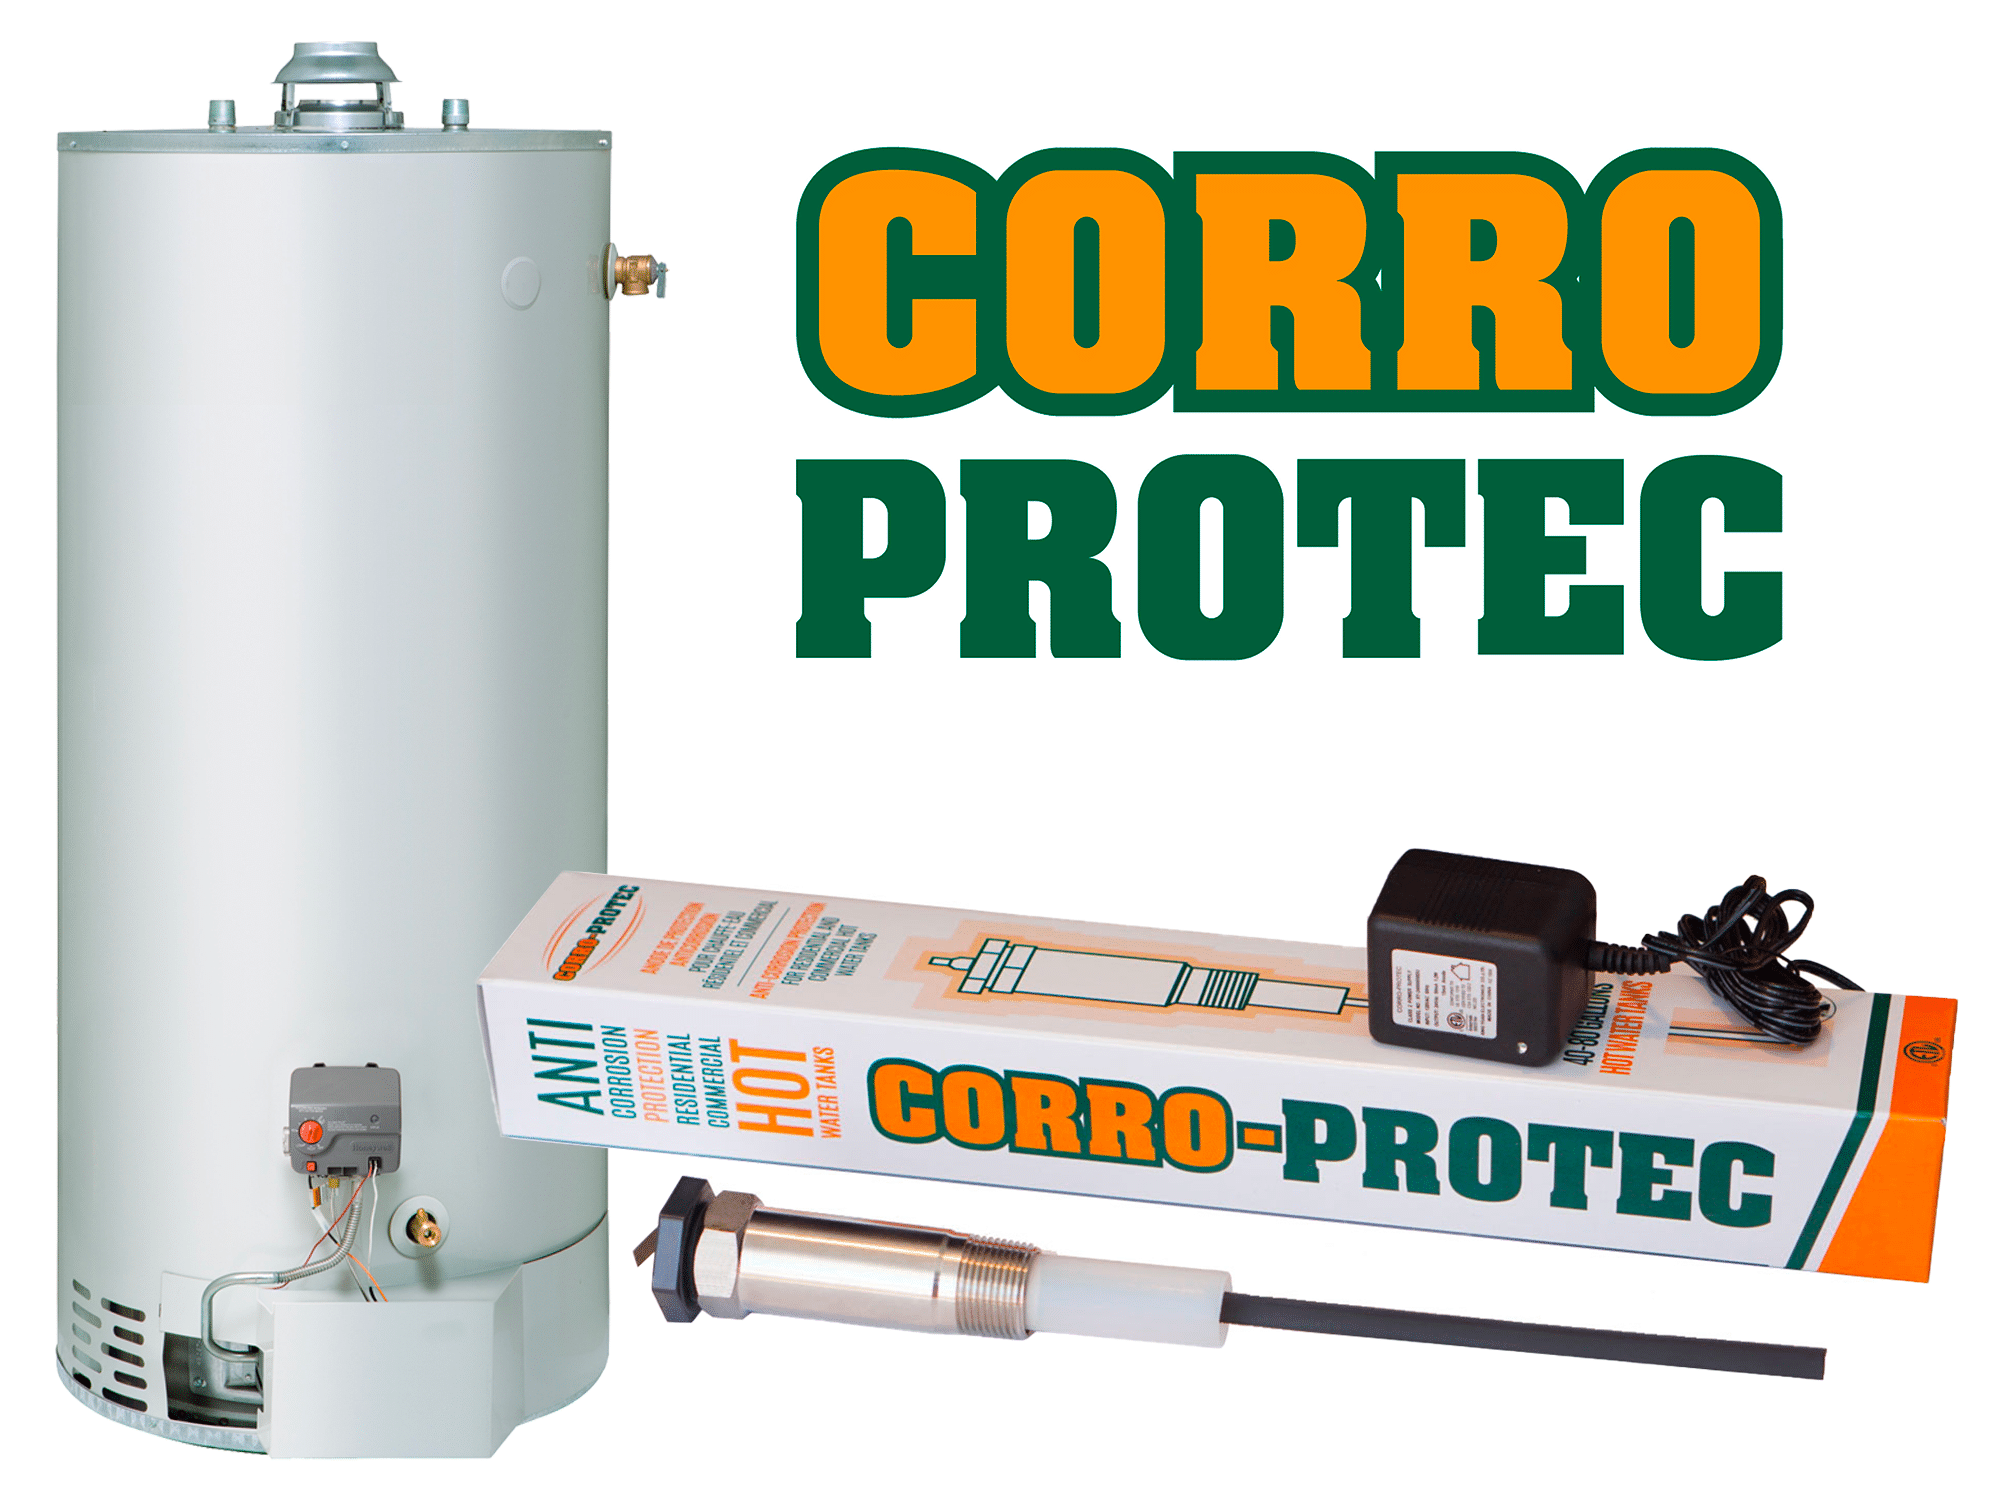 Corro-Protec